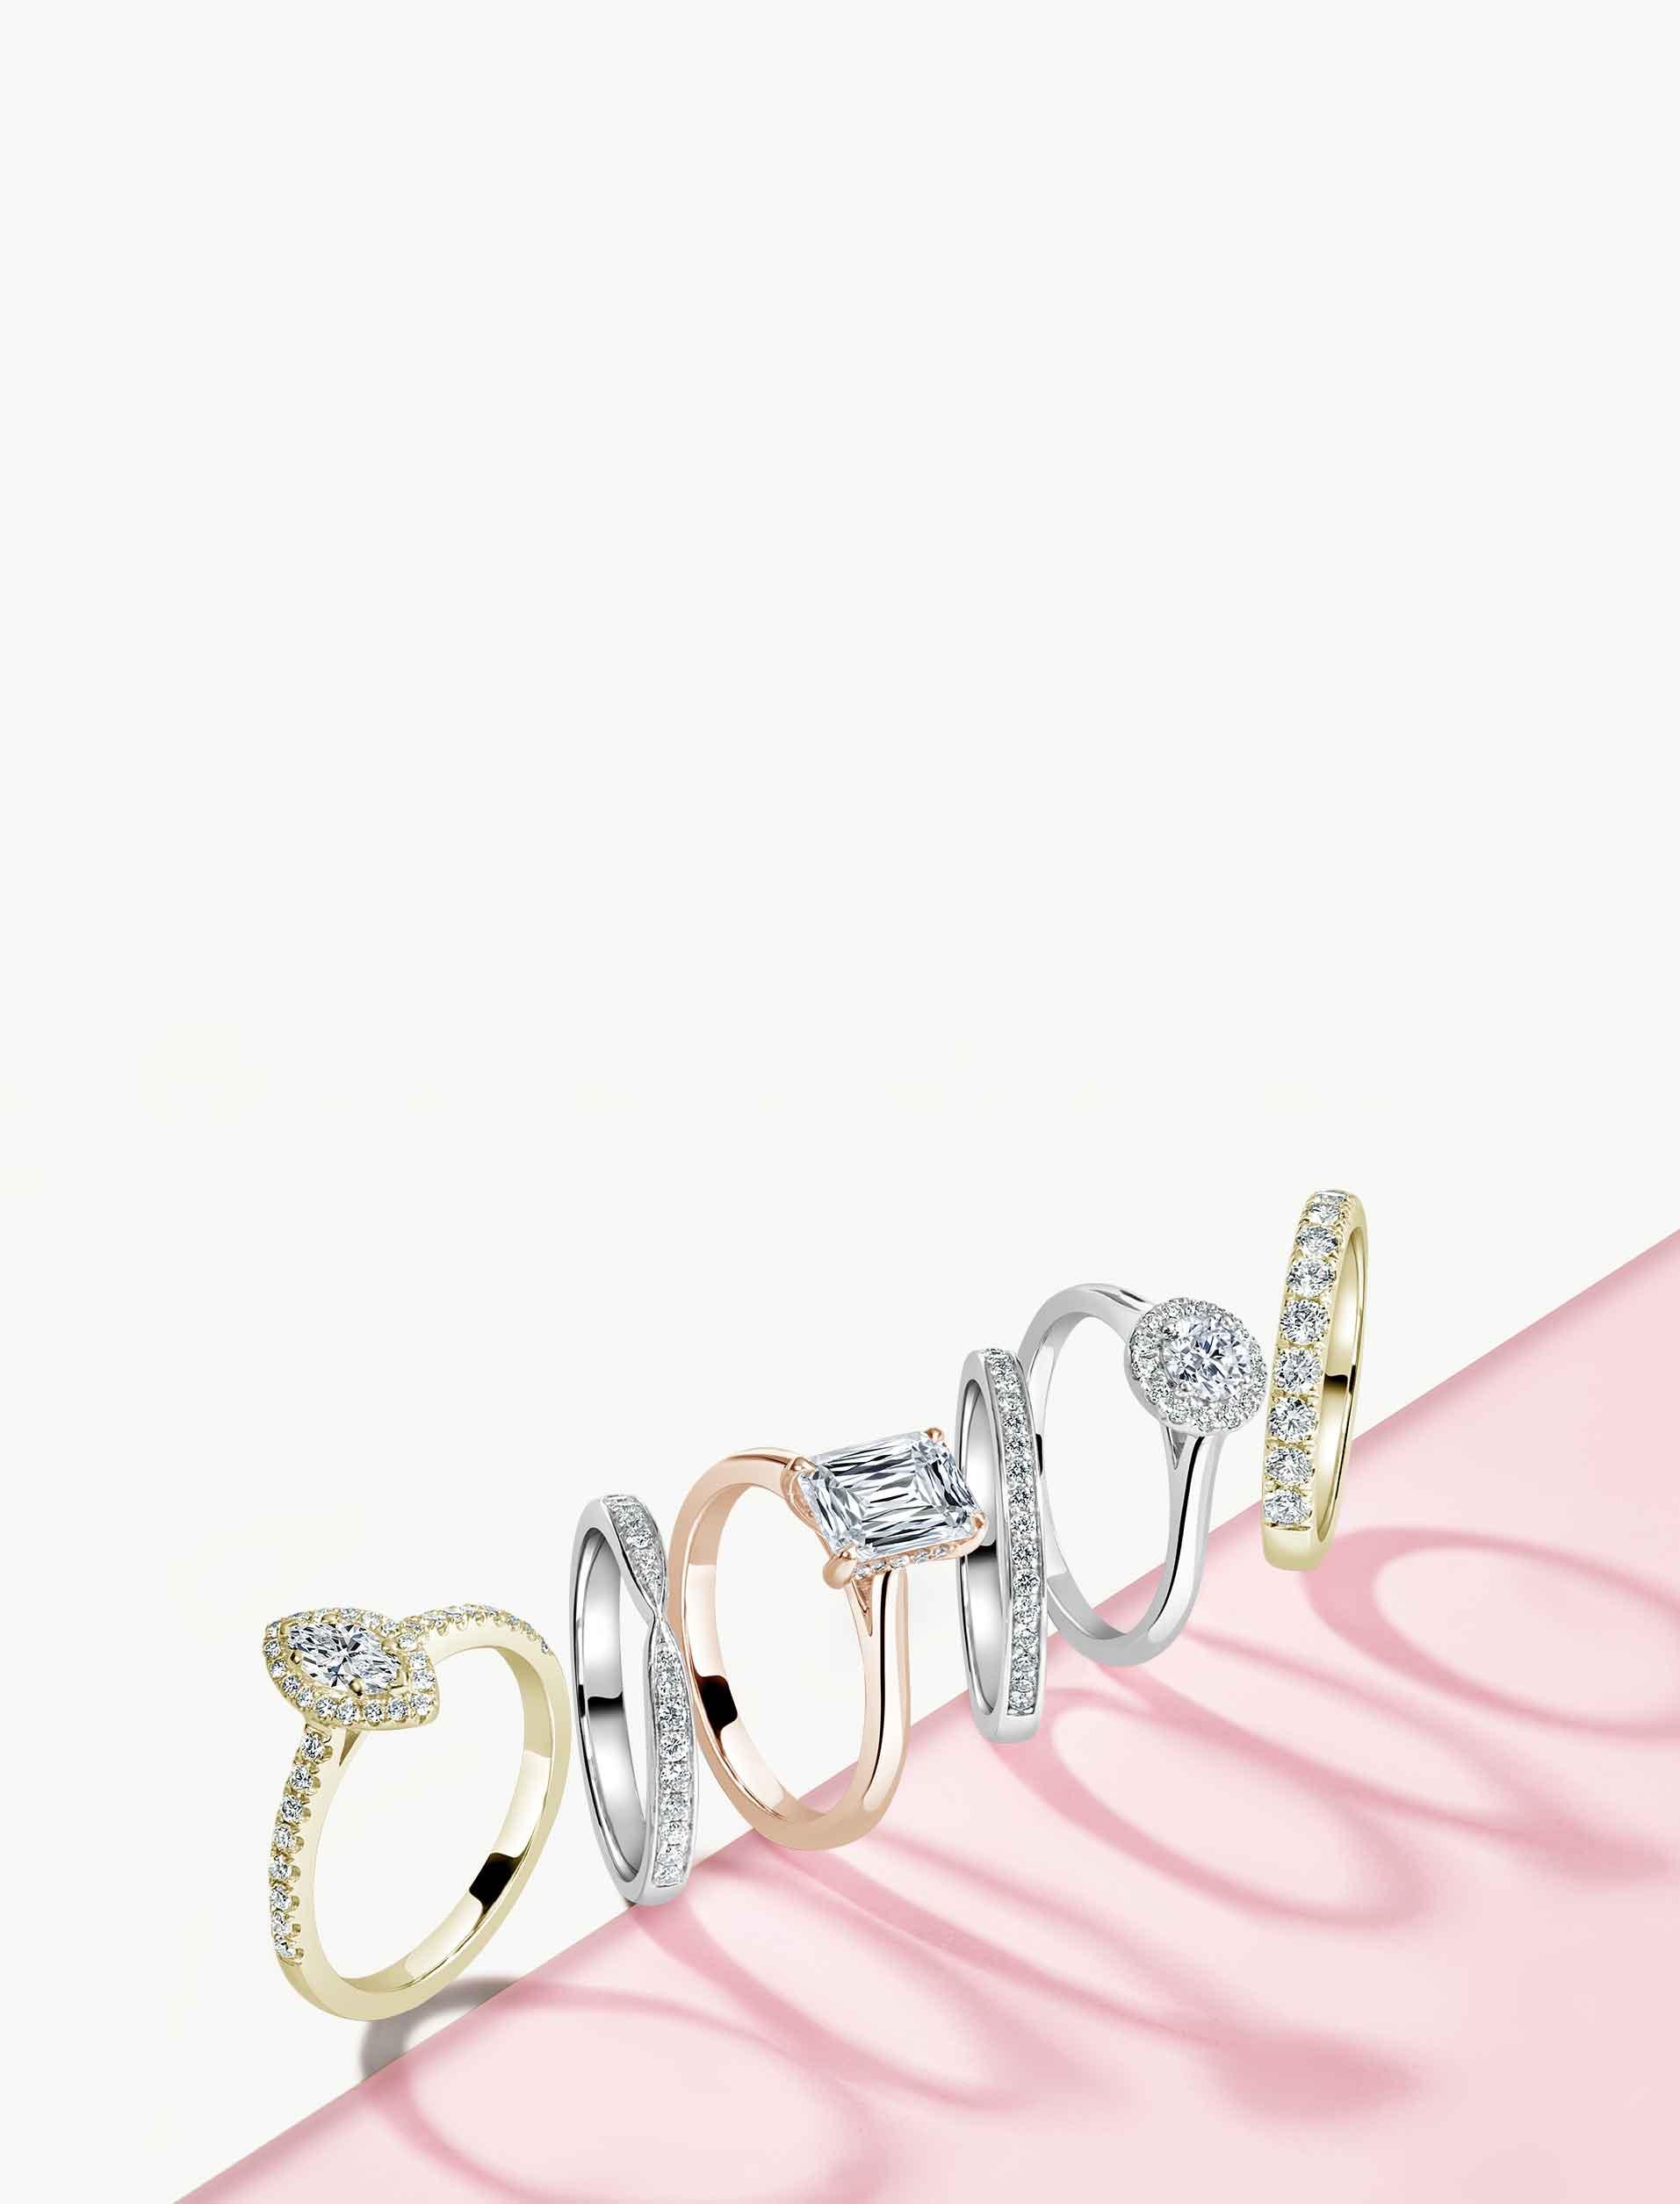 Vintage Diamond Engagement Rings - Steven Stone